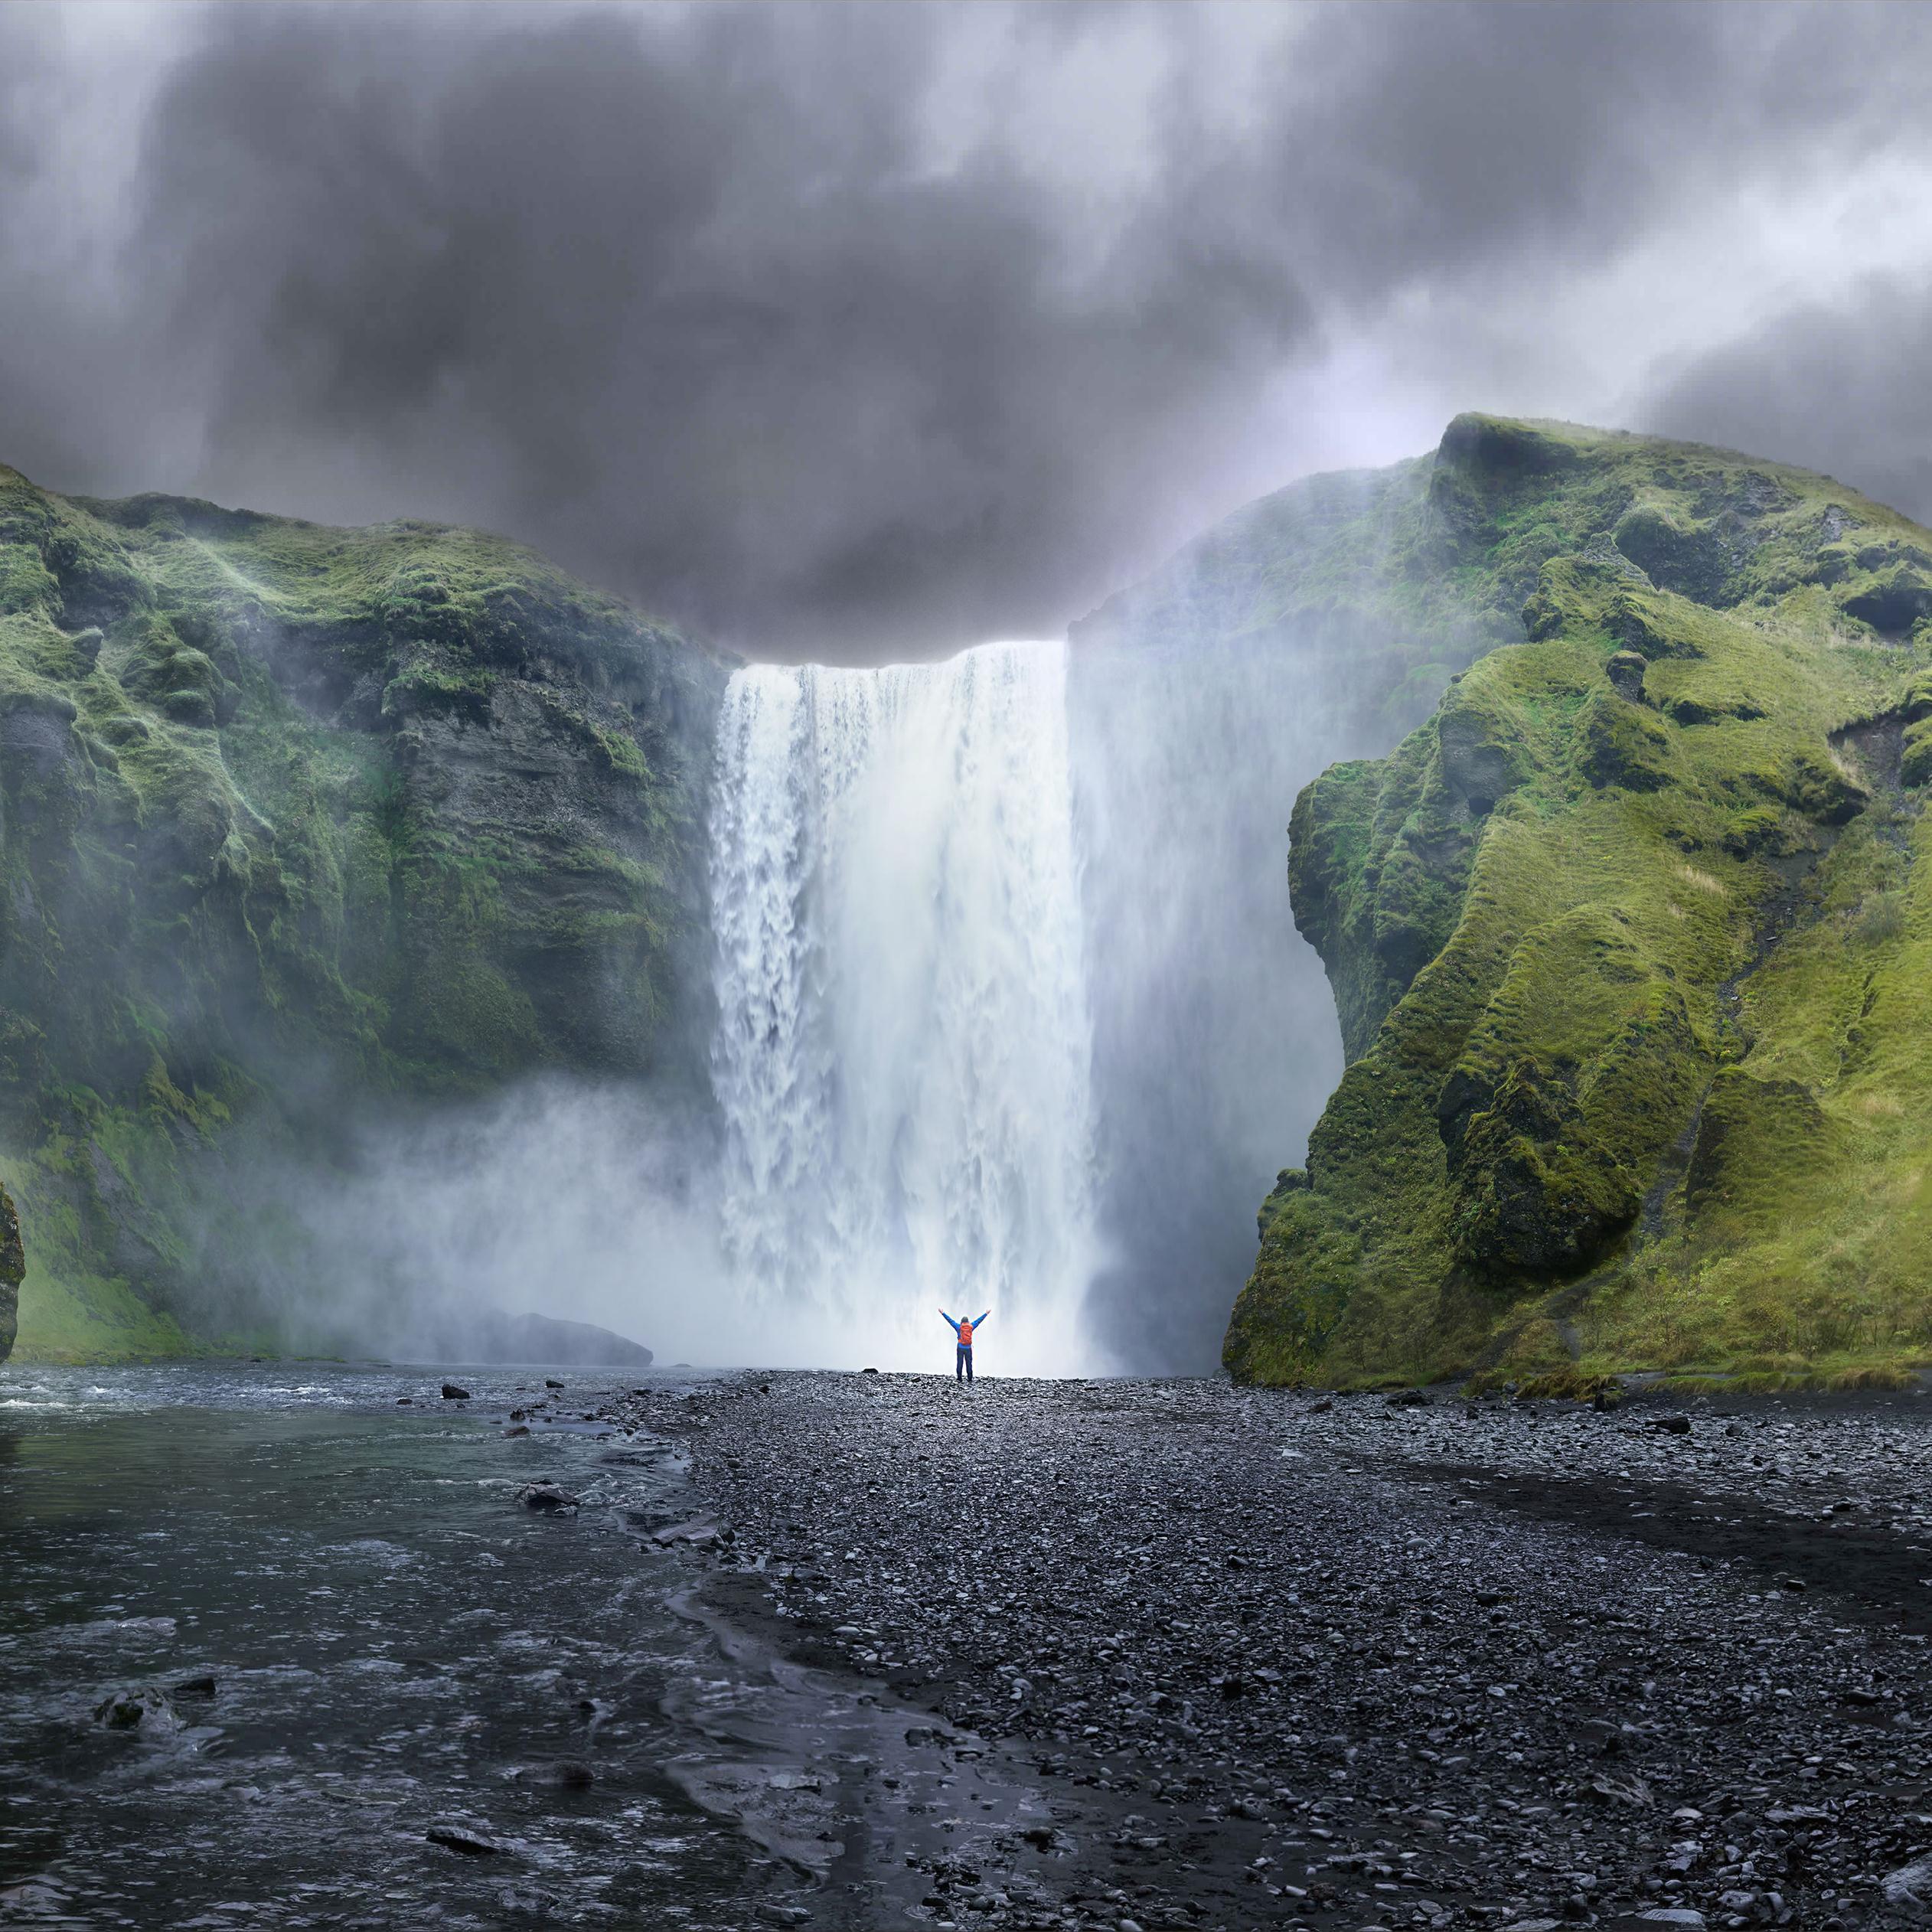 بالصور خلفيات الطبيعة , اجمل صور الطبيعه 5970 8